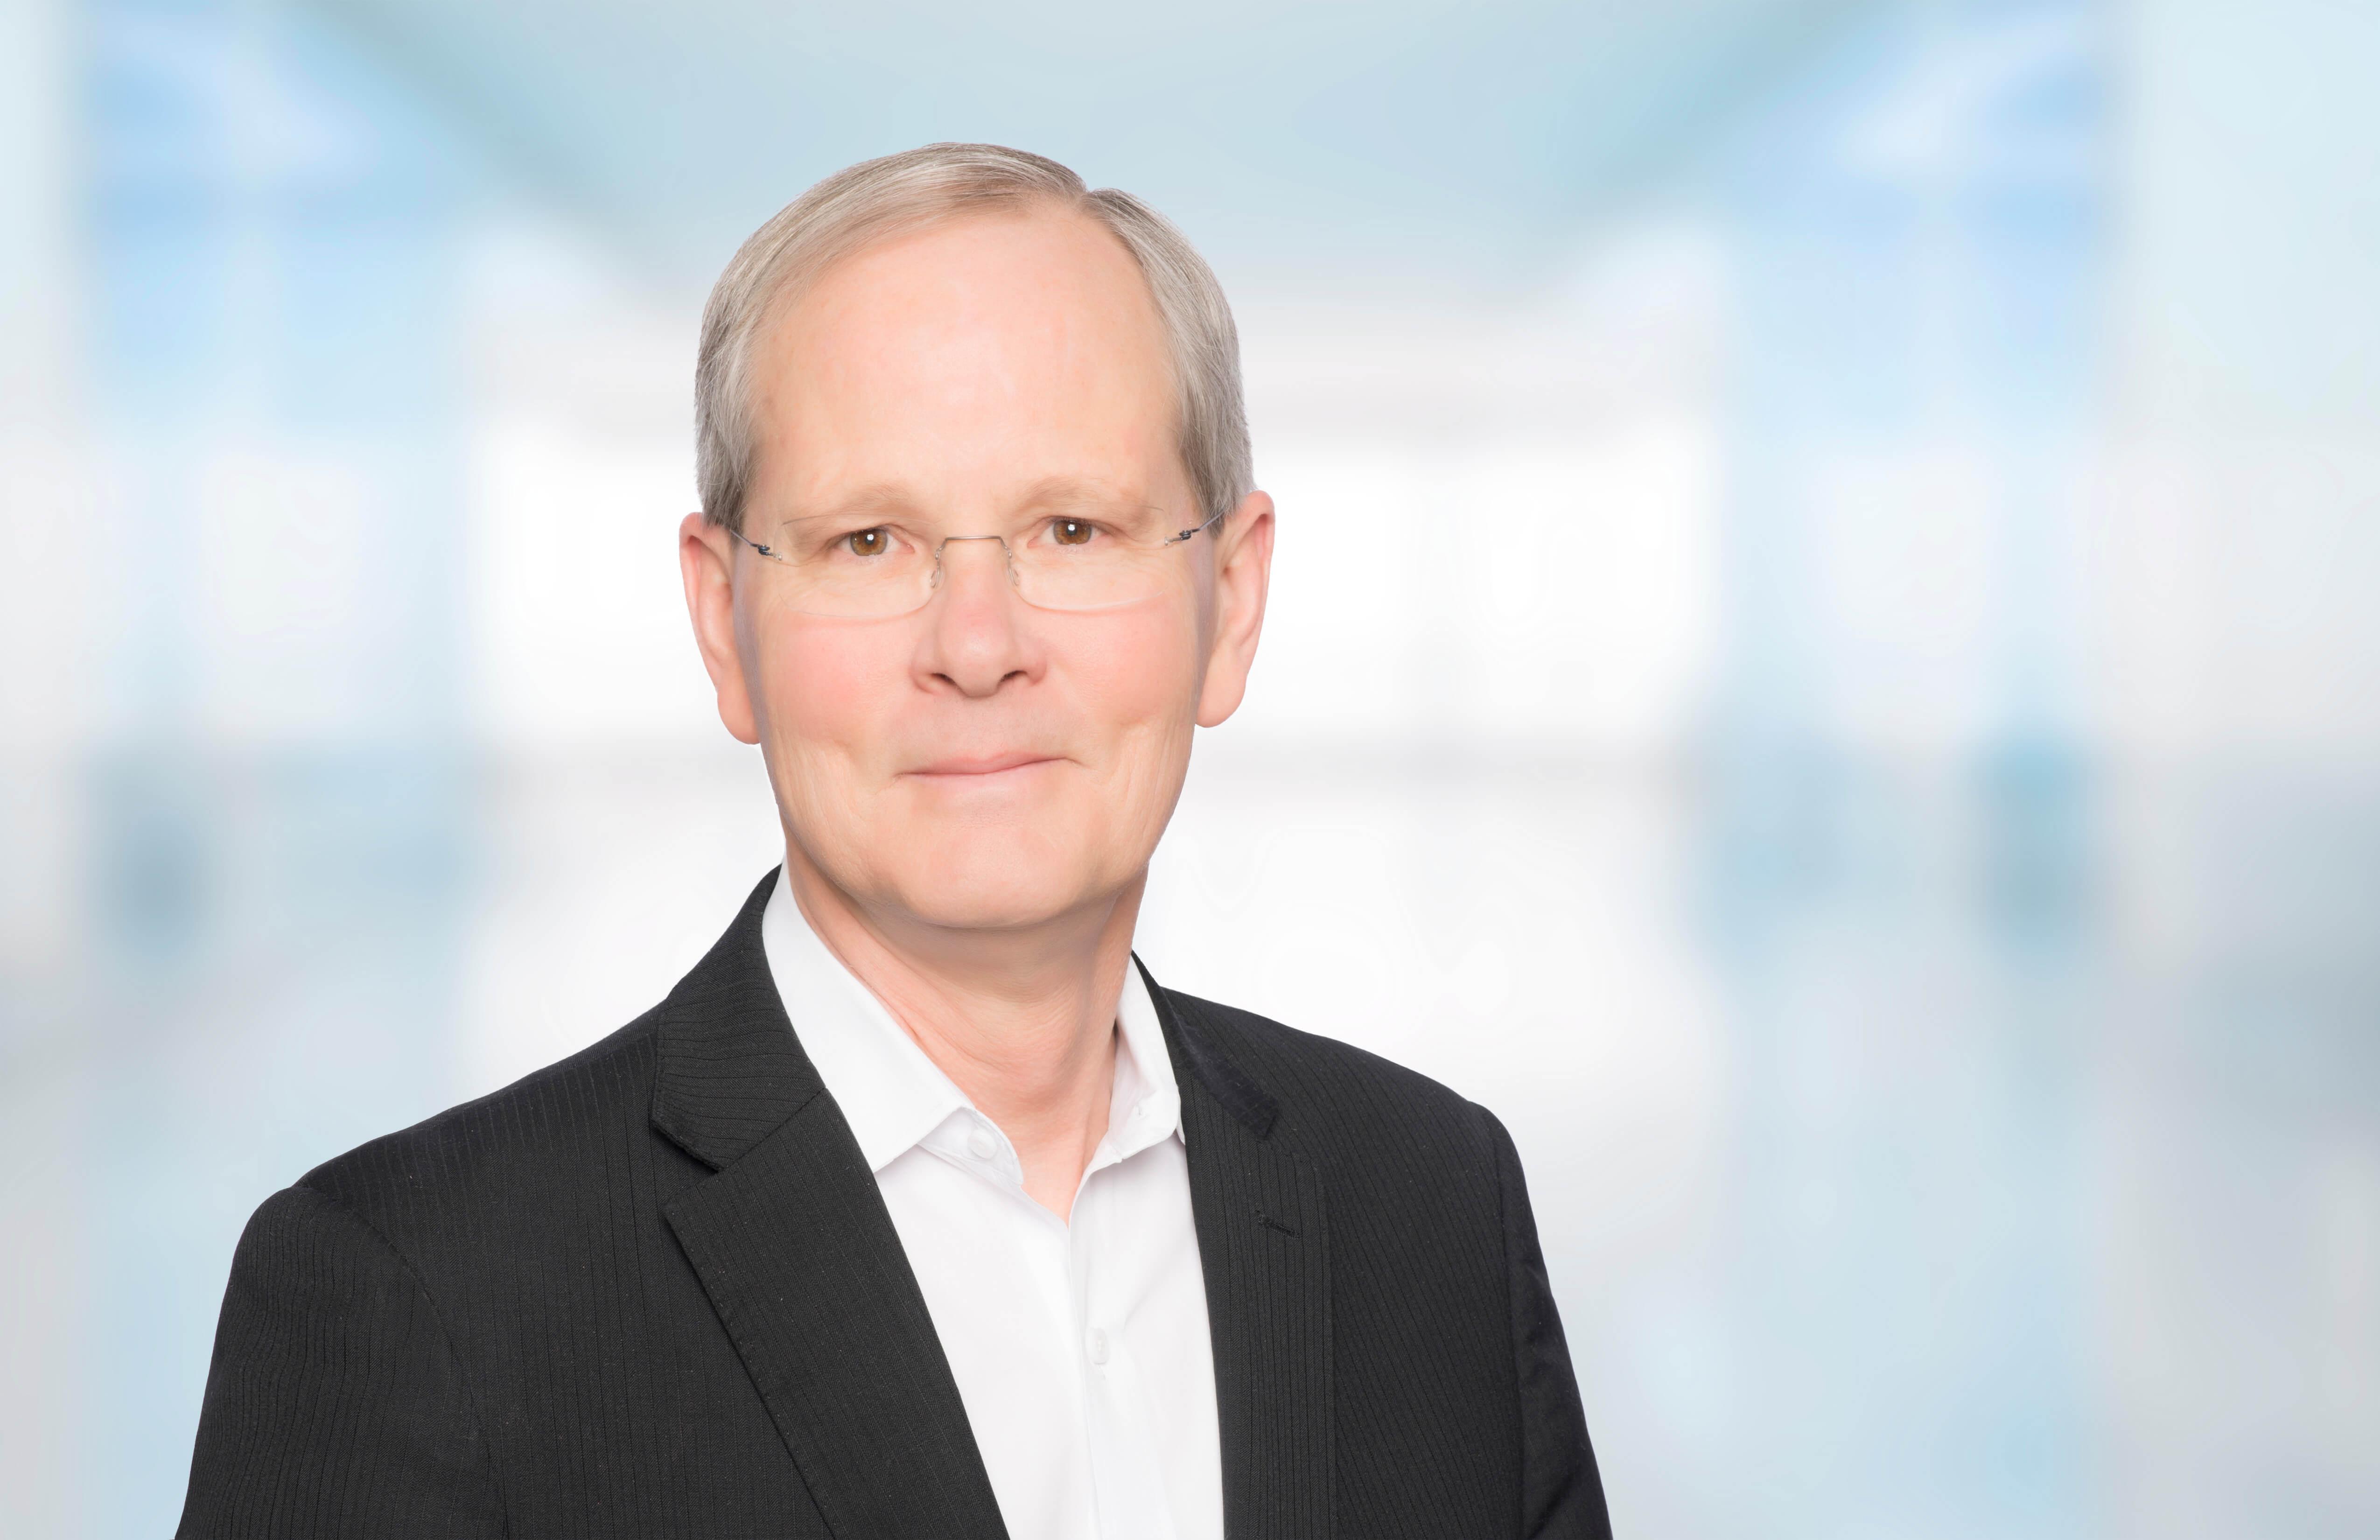 John Glaser, PhD